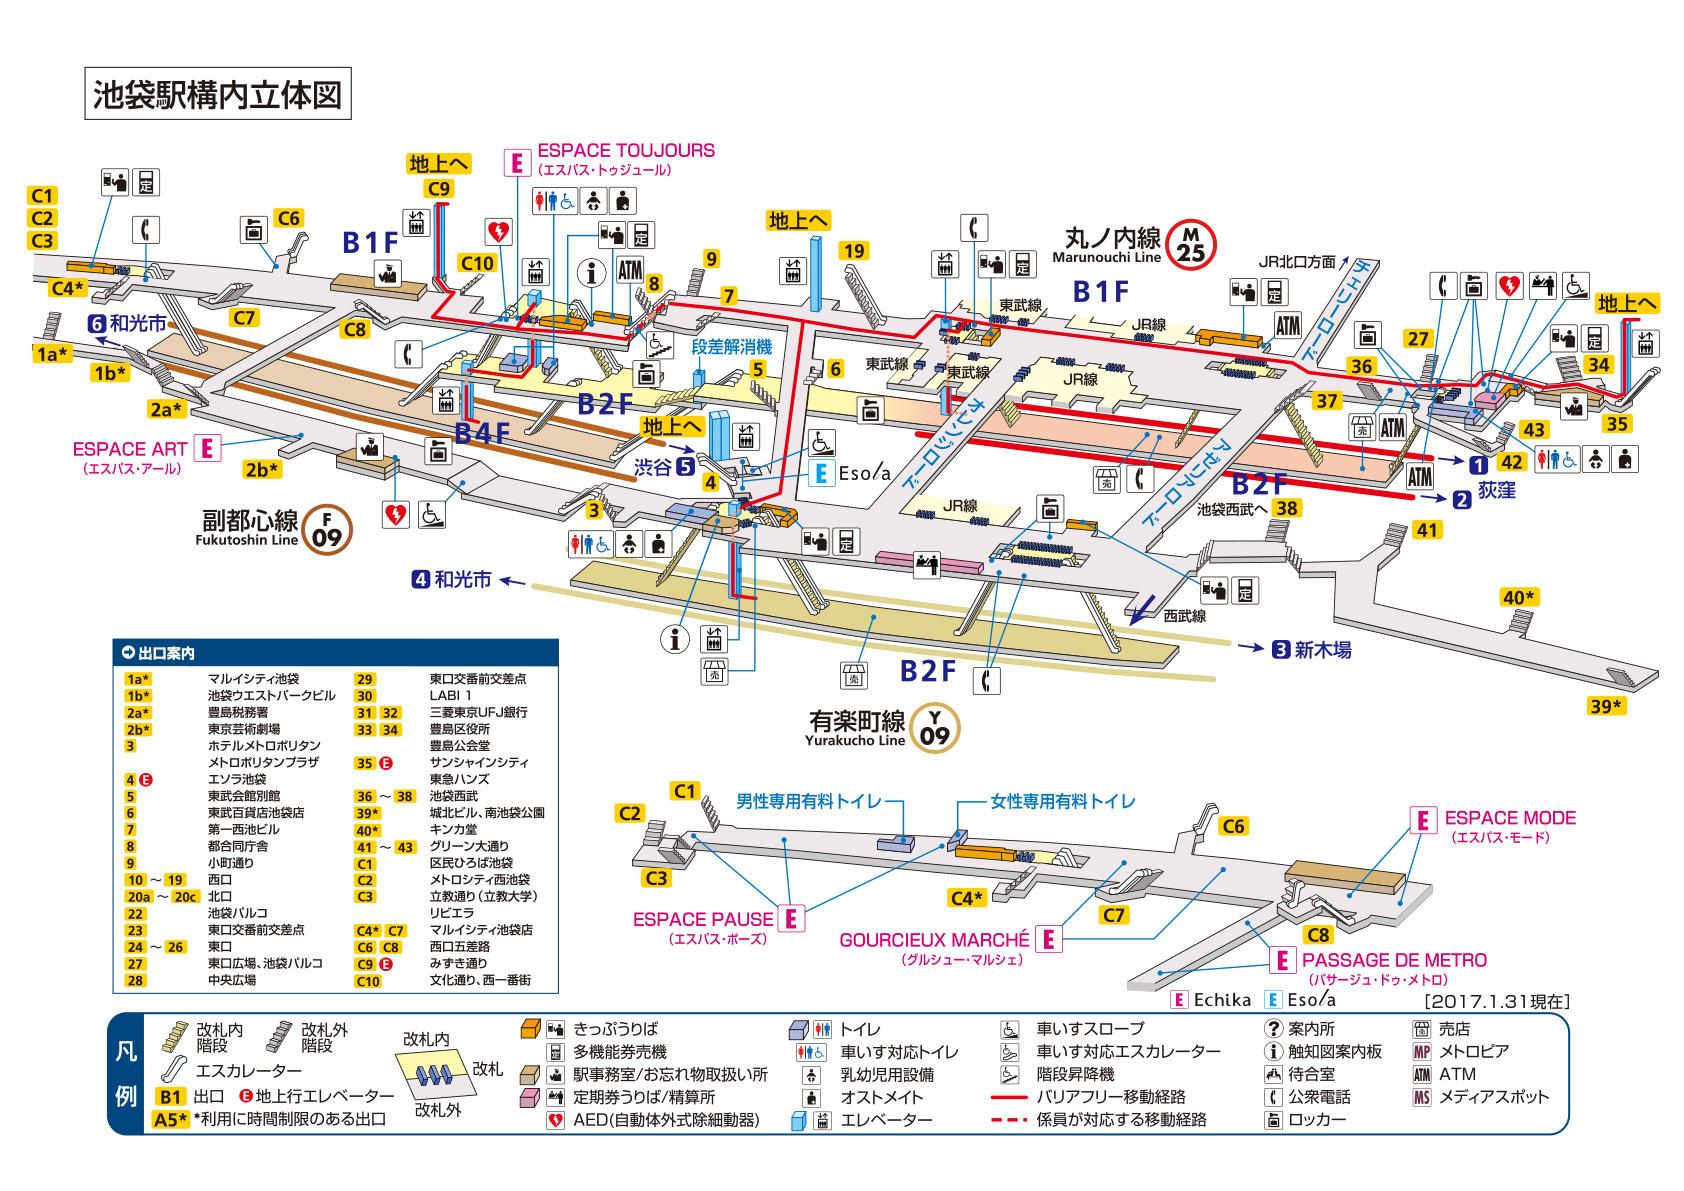 副都心線/F | 路線・駅の情報 | 東京メトロ